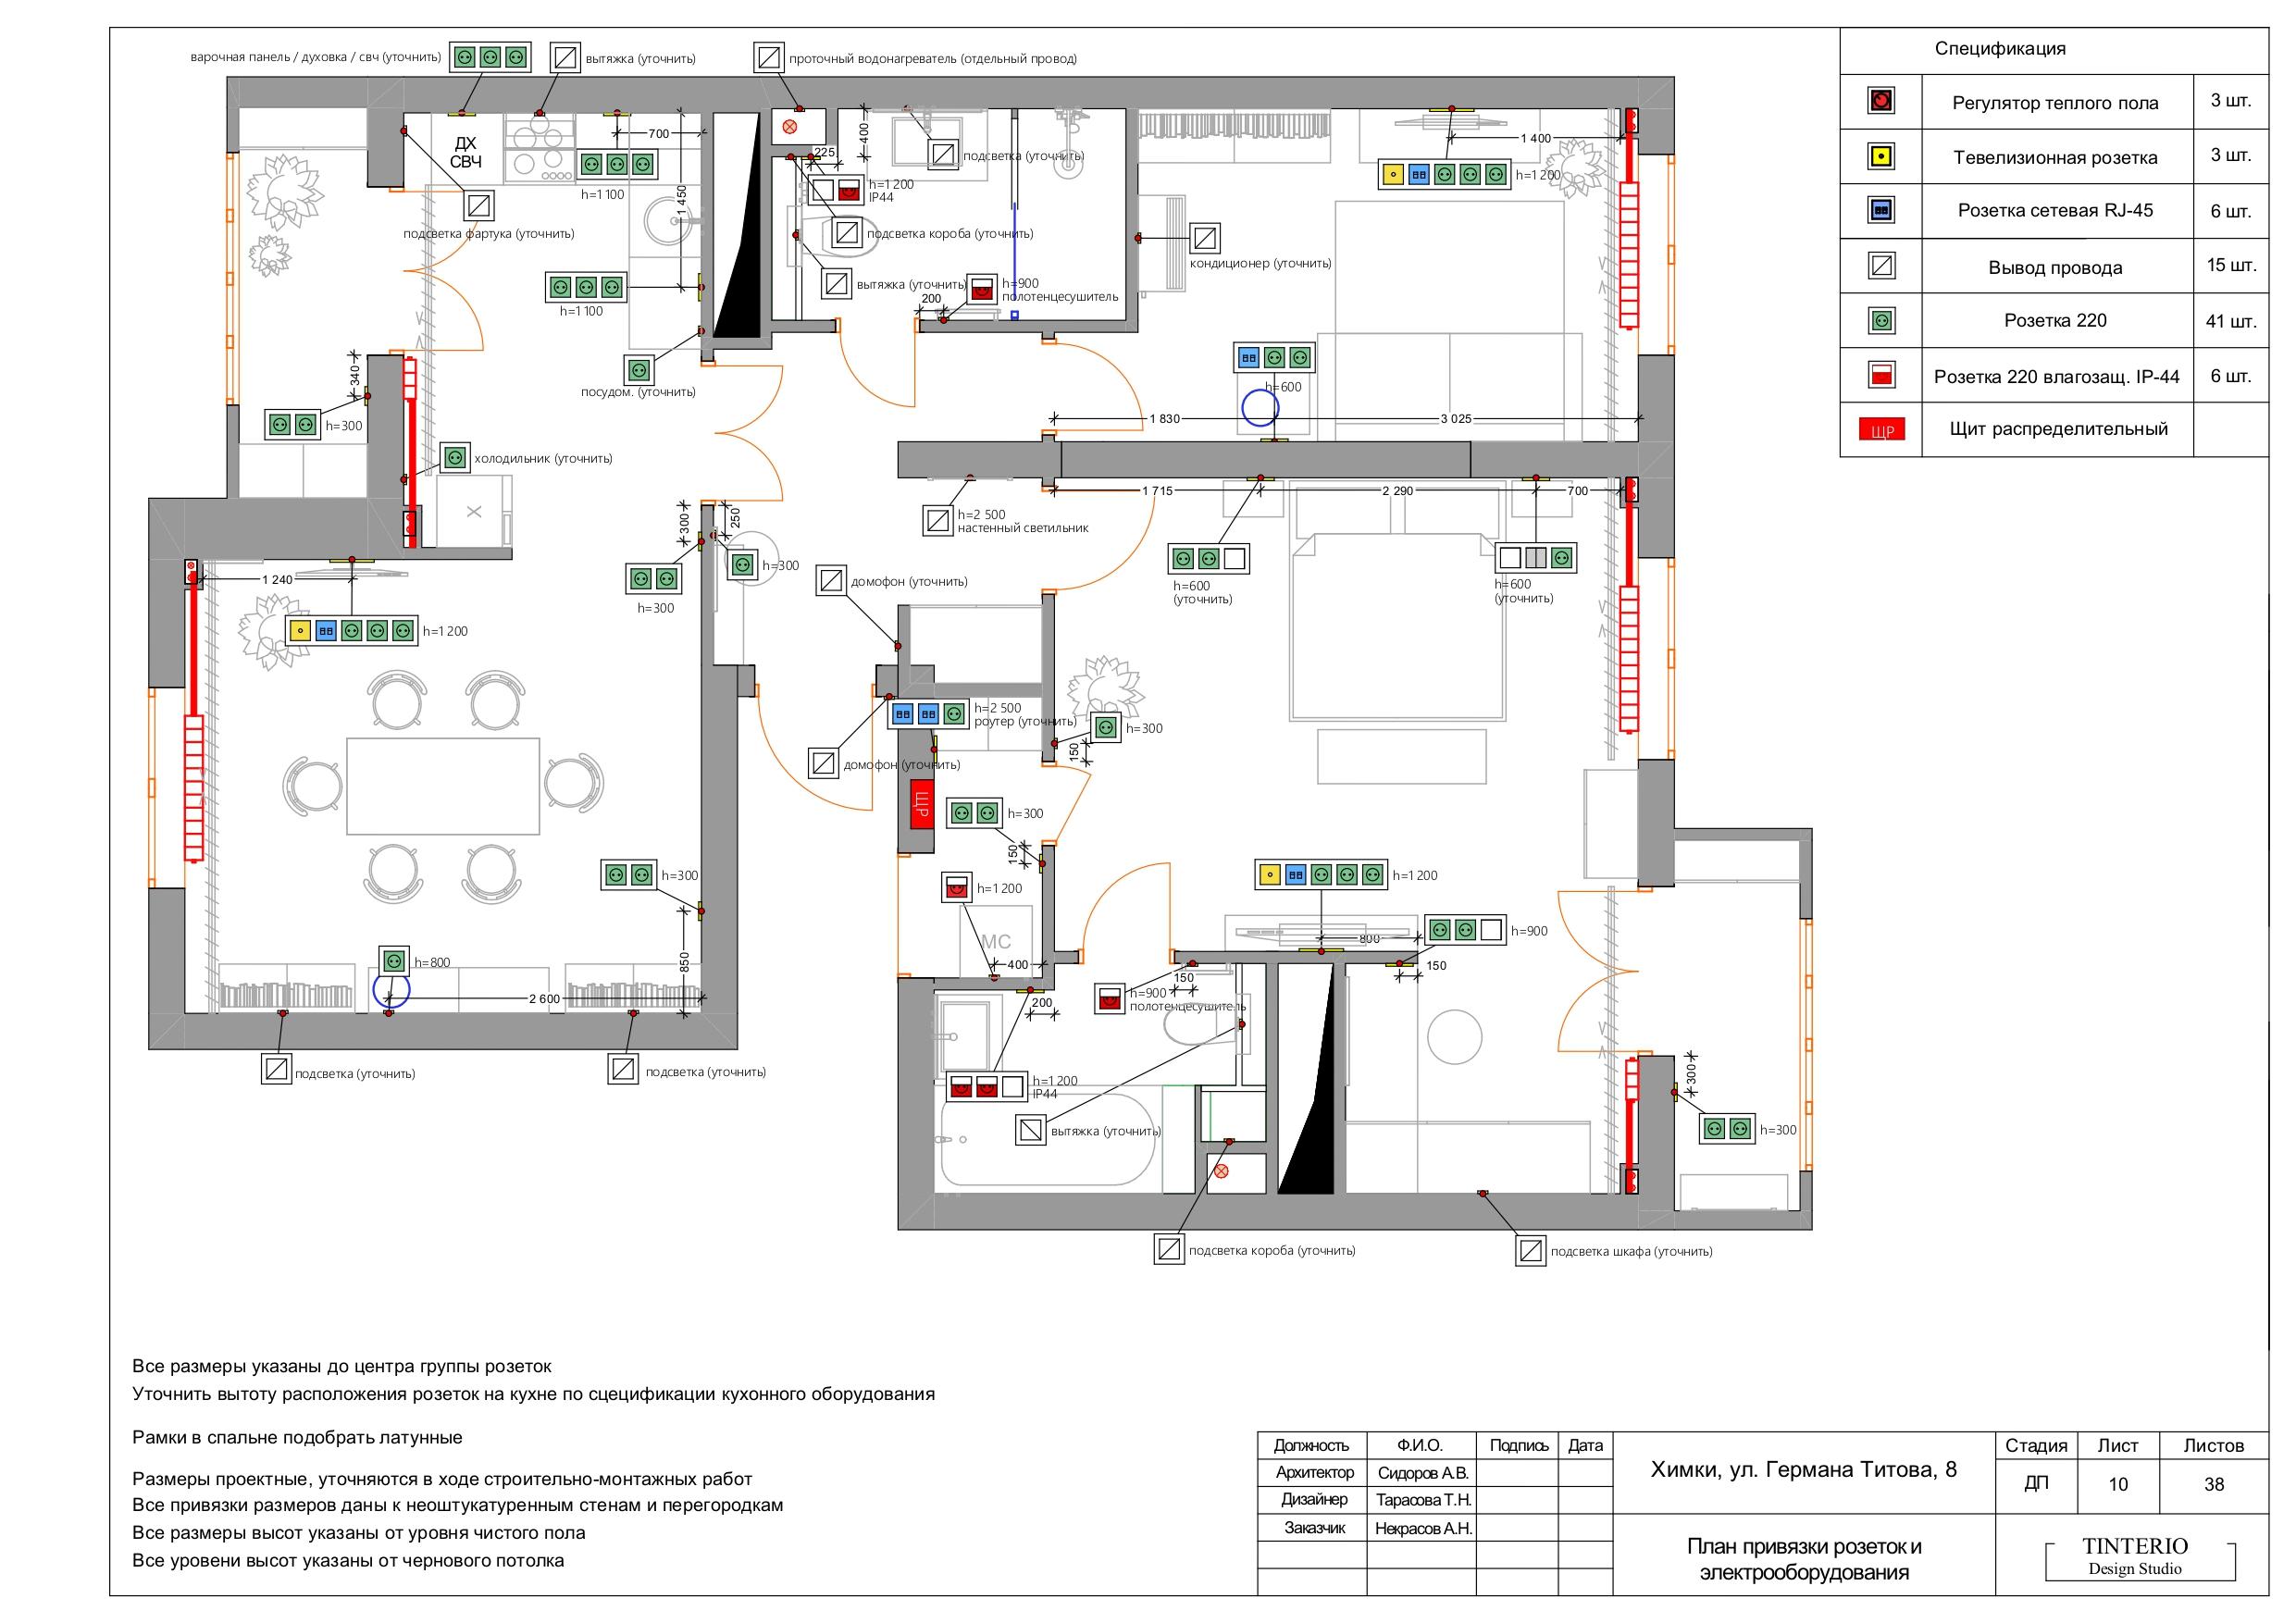 Пример проекта_page-0011